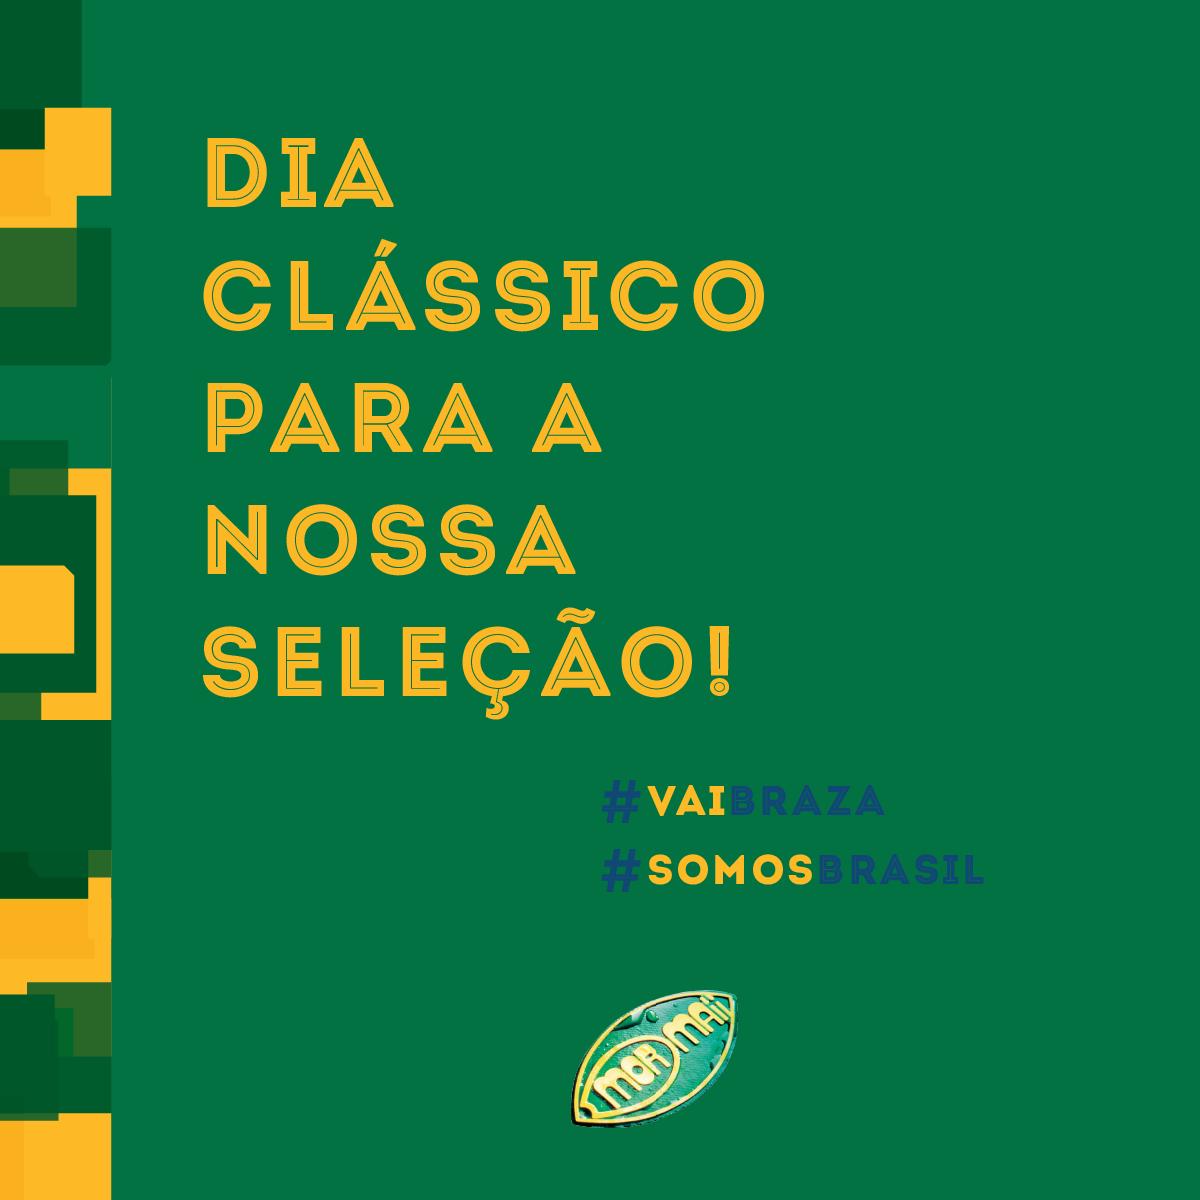 somos-brasil-mormaii-copa-do-mundo-diaclassico